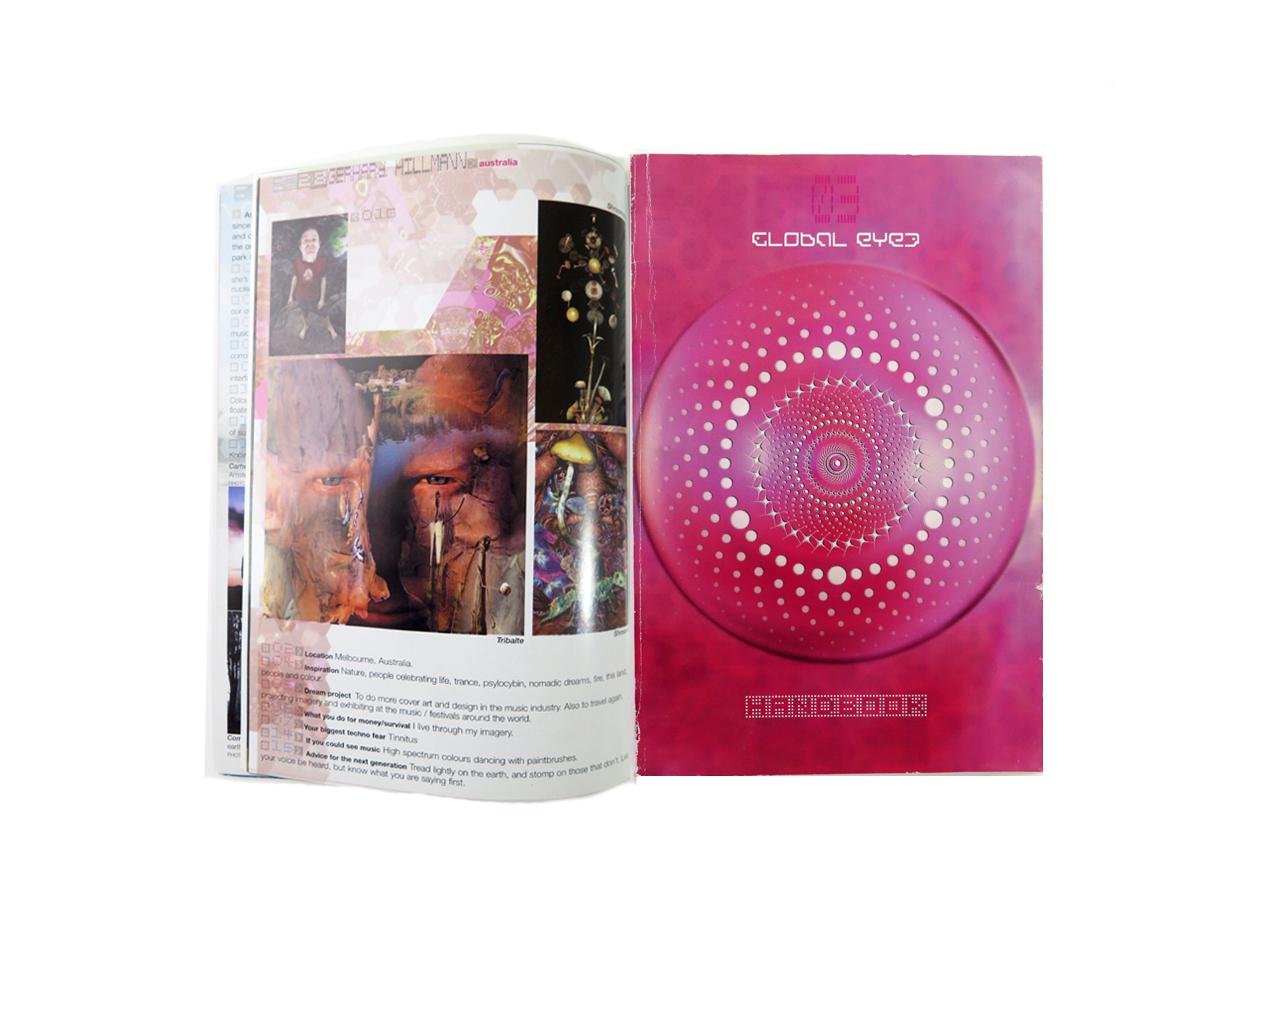 Global eyes publication, melbourne